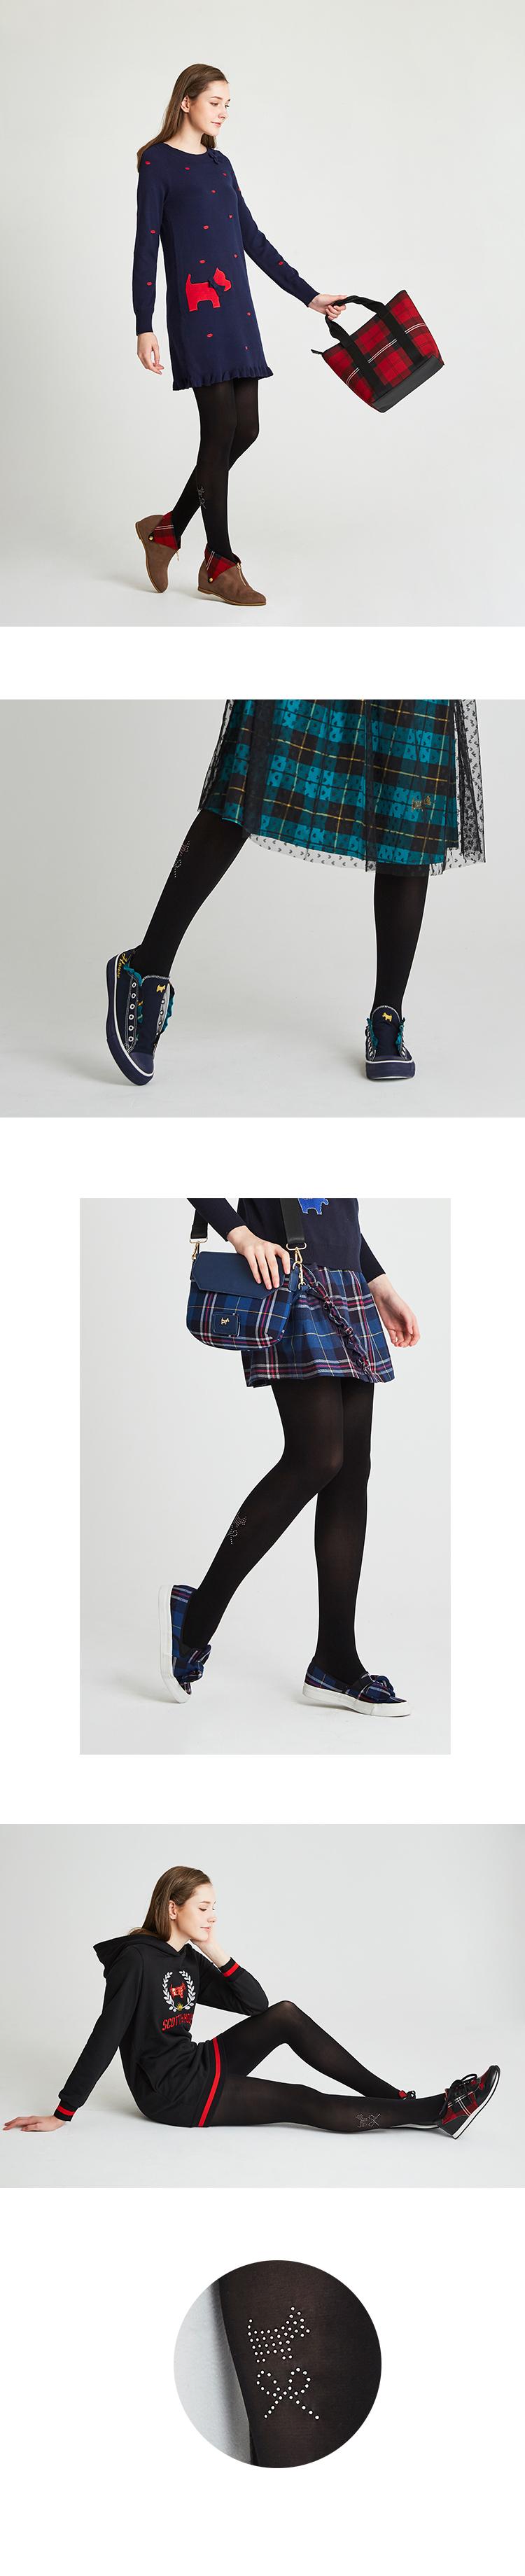 粉色狗狗蝴蝶結水鑽造型褲襪 Scottish House【AH6208】